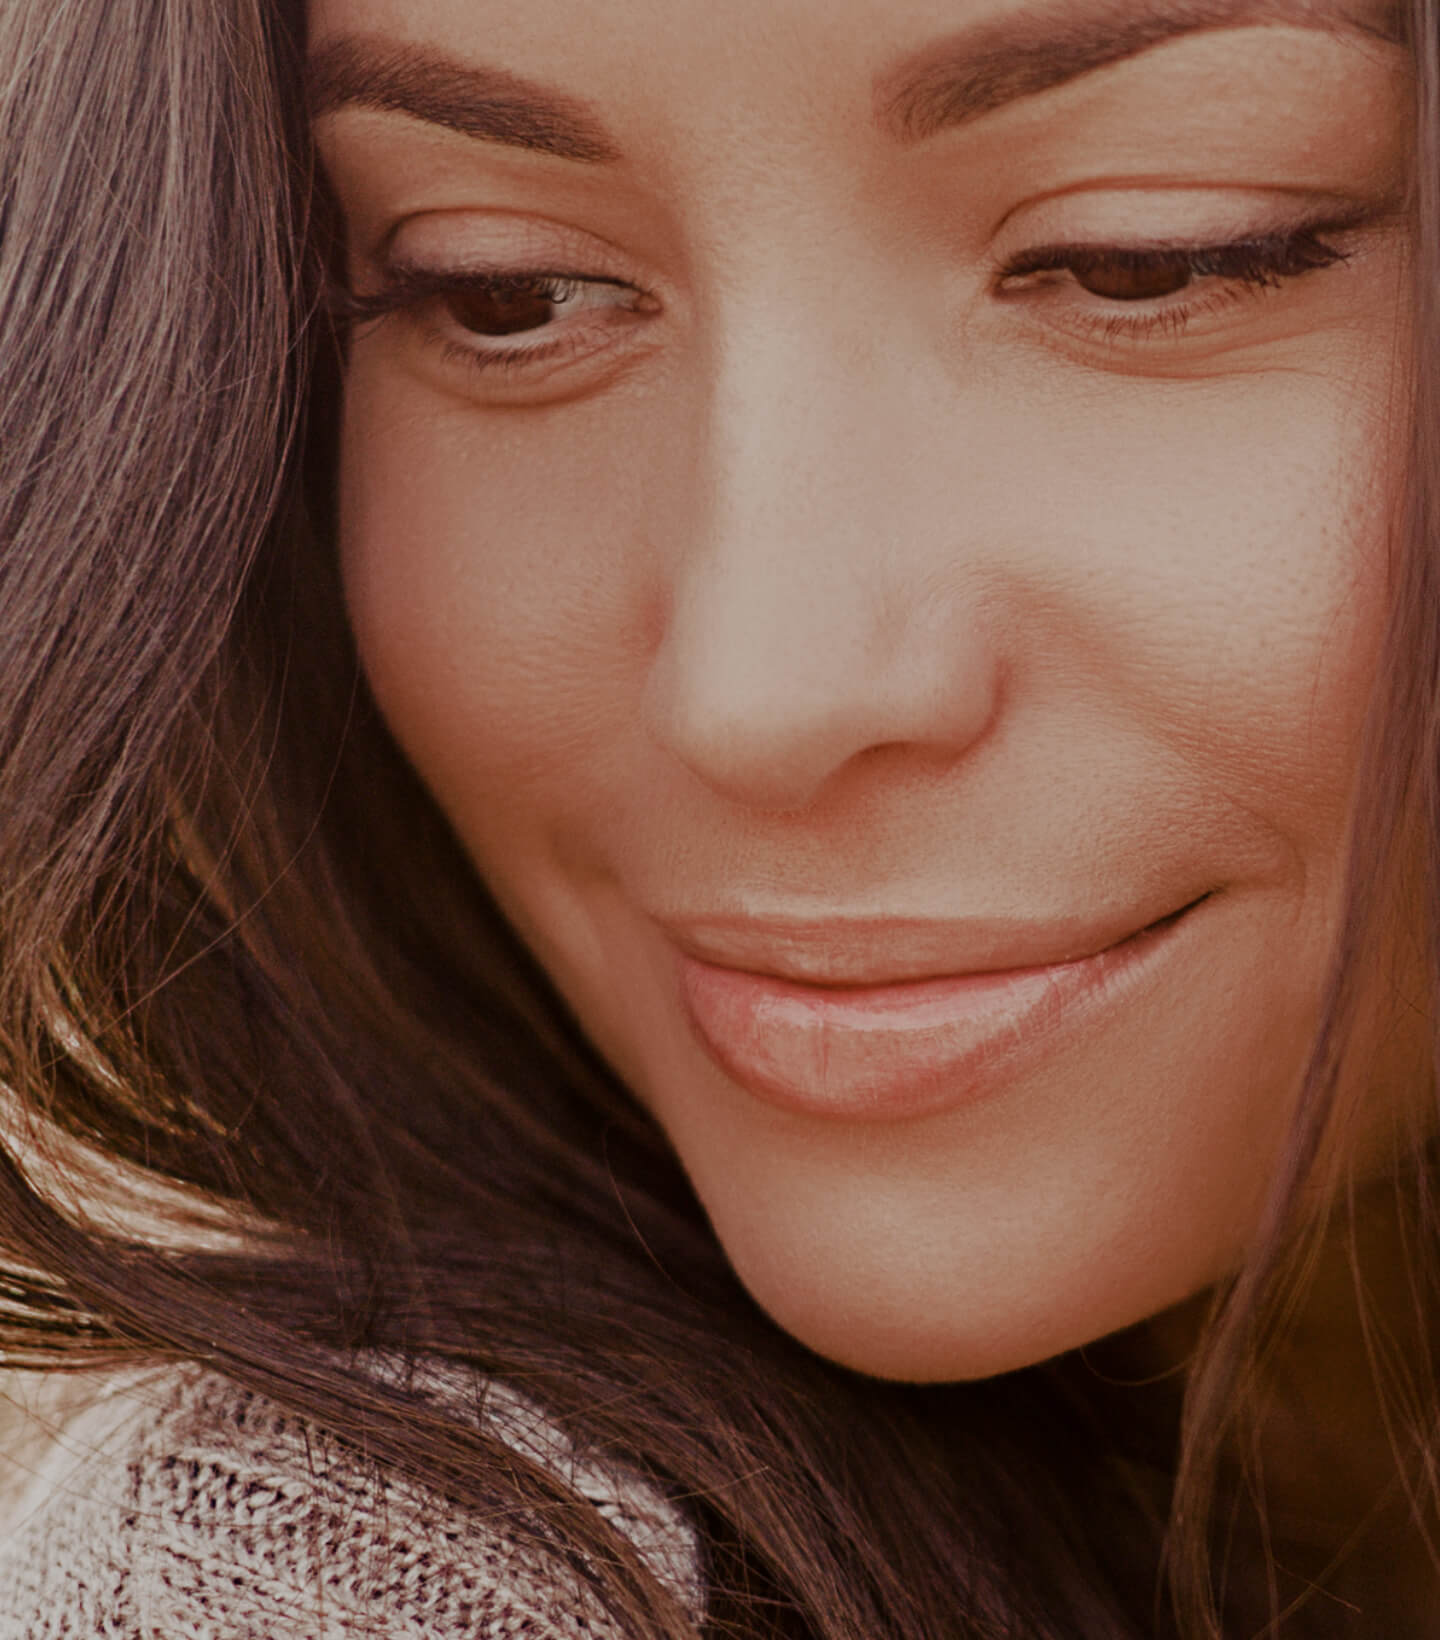 Revitalisation et hydratation du visage grâce au PRP, ou plasma riche en plaquettes, en promotion à la Clinique Chloé de Montréal.